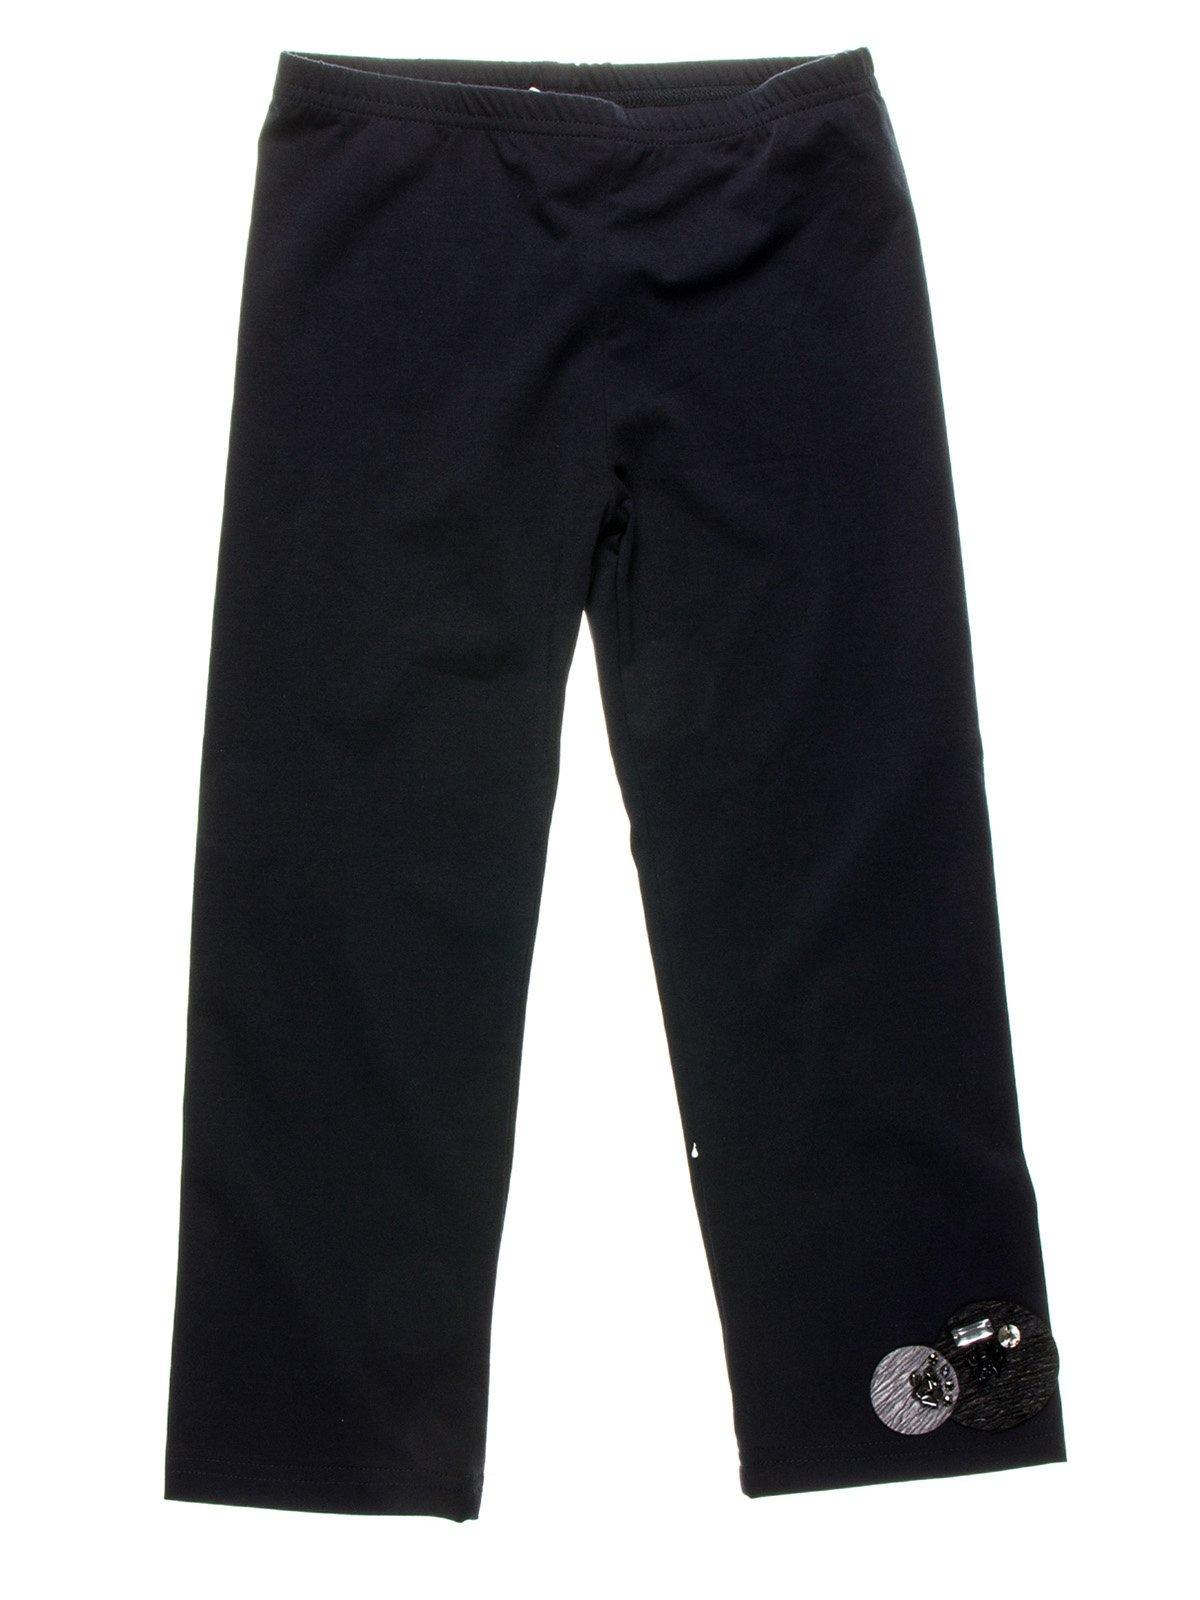 Легінси темно-сині з декором | 958975